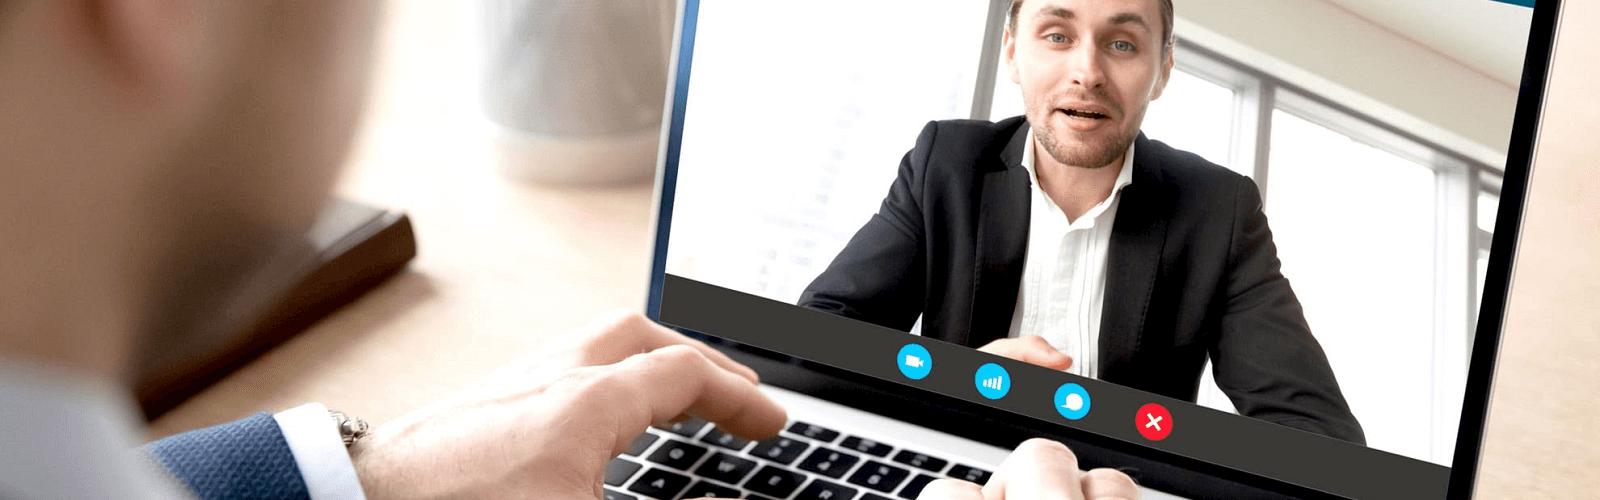 La gestione del vero smart working rappresenta una grande opportunità di business per i consulenti del lavoro.